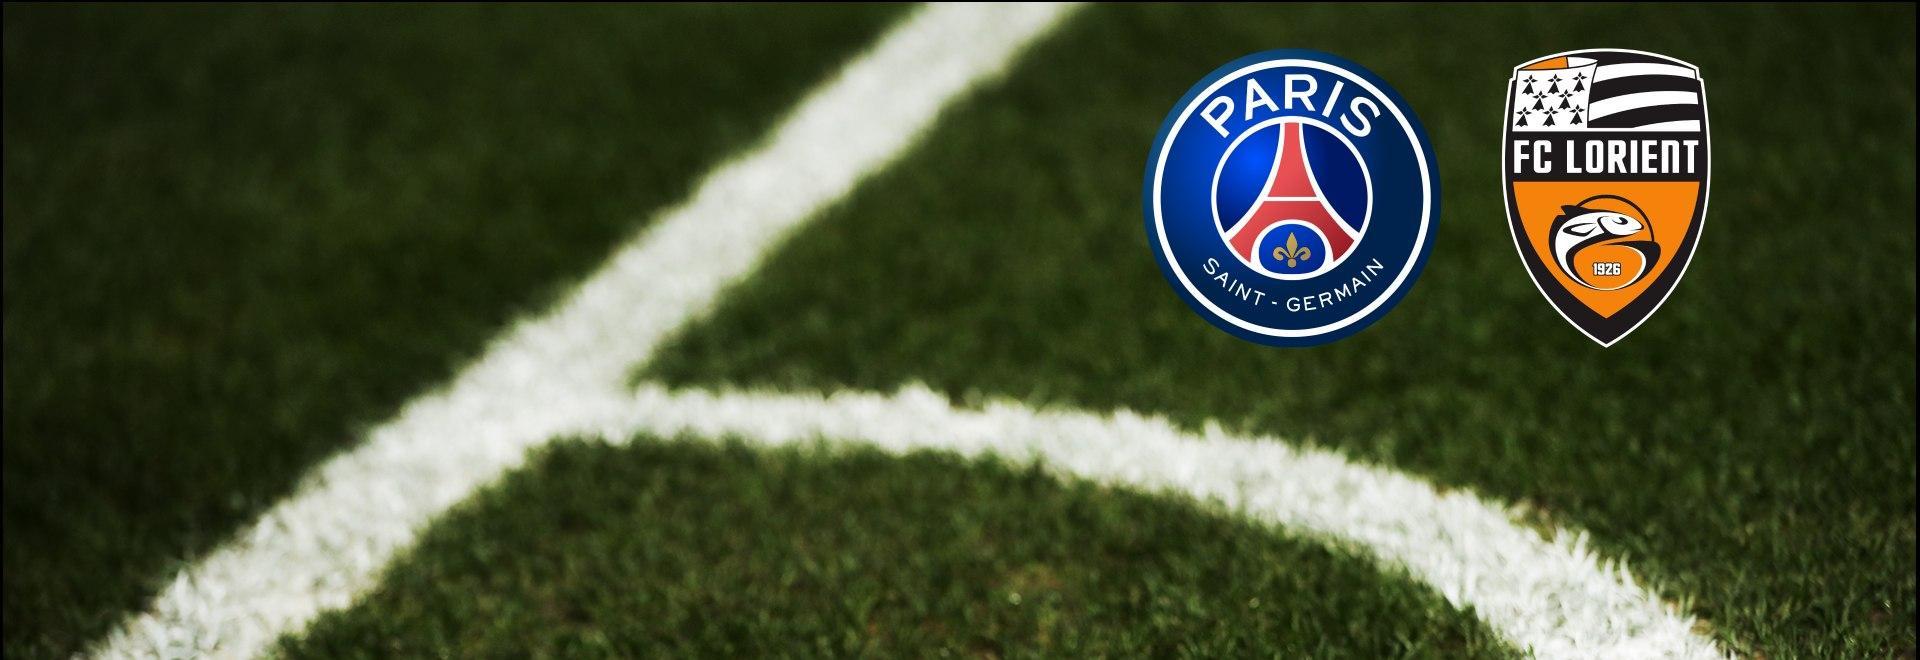 PSG - Lorient. 15a g.